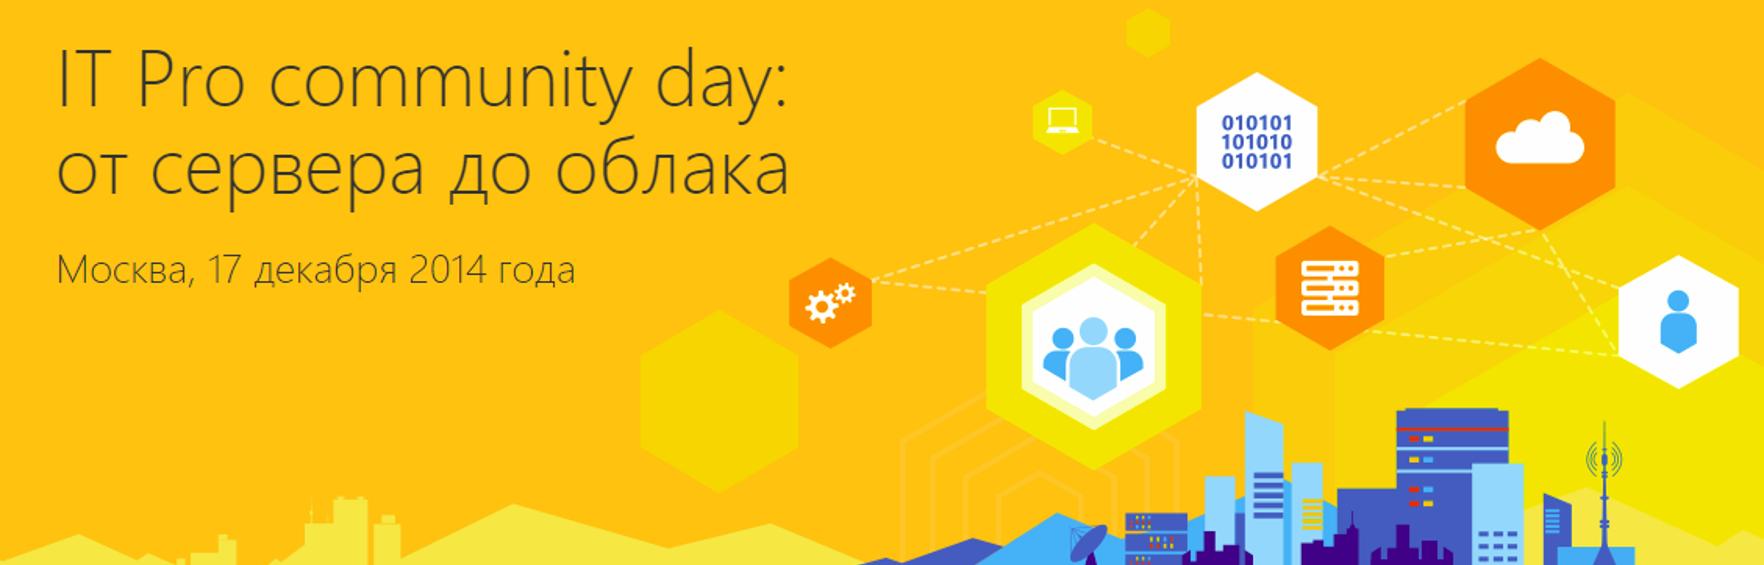 Онлайн-трансляция IT Pro Community Day 17 декабря - 1